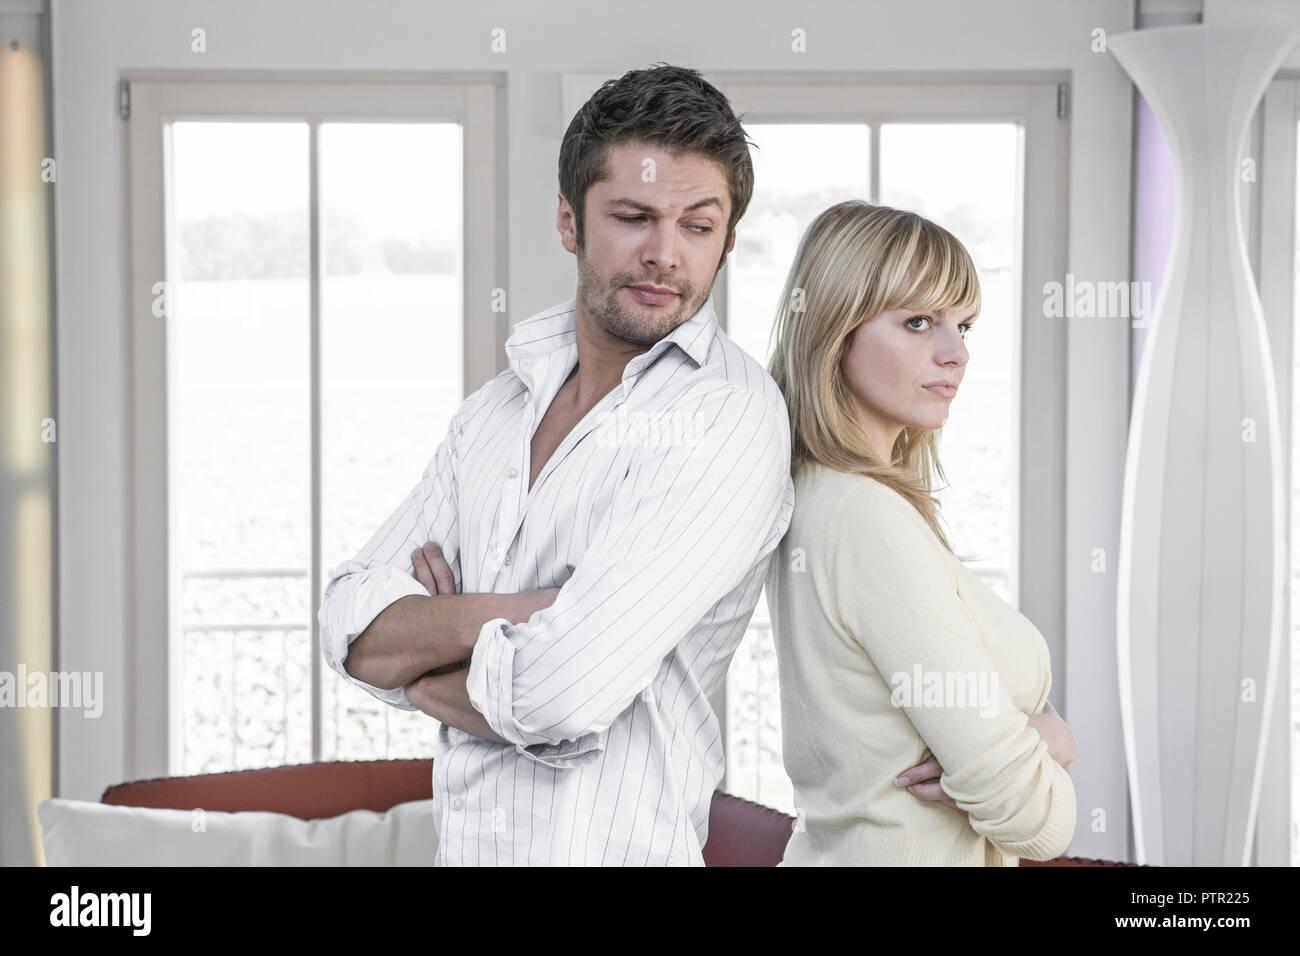 Paar, Streit, Konflikt, Abwenden, , Partnerschaft, Beziehung, Auseinandersetzung, Krise, Problem, schweigen, Unverstaendnis, Ehekrise, Partnerschaftsk - Stock Image